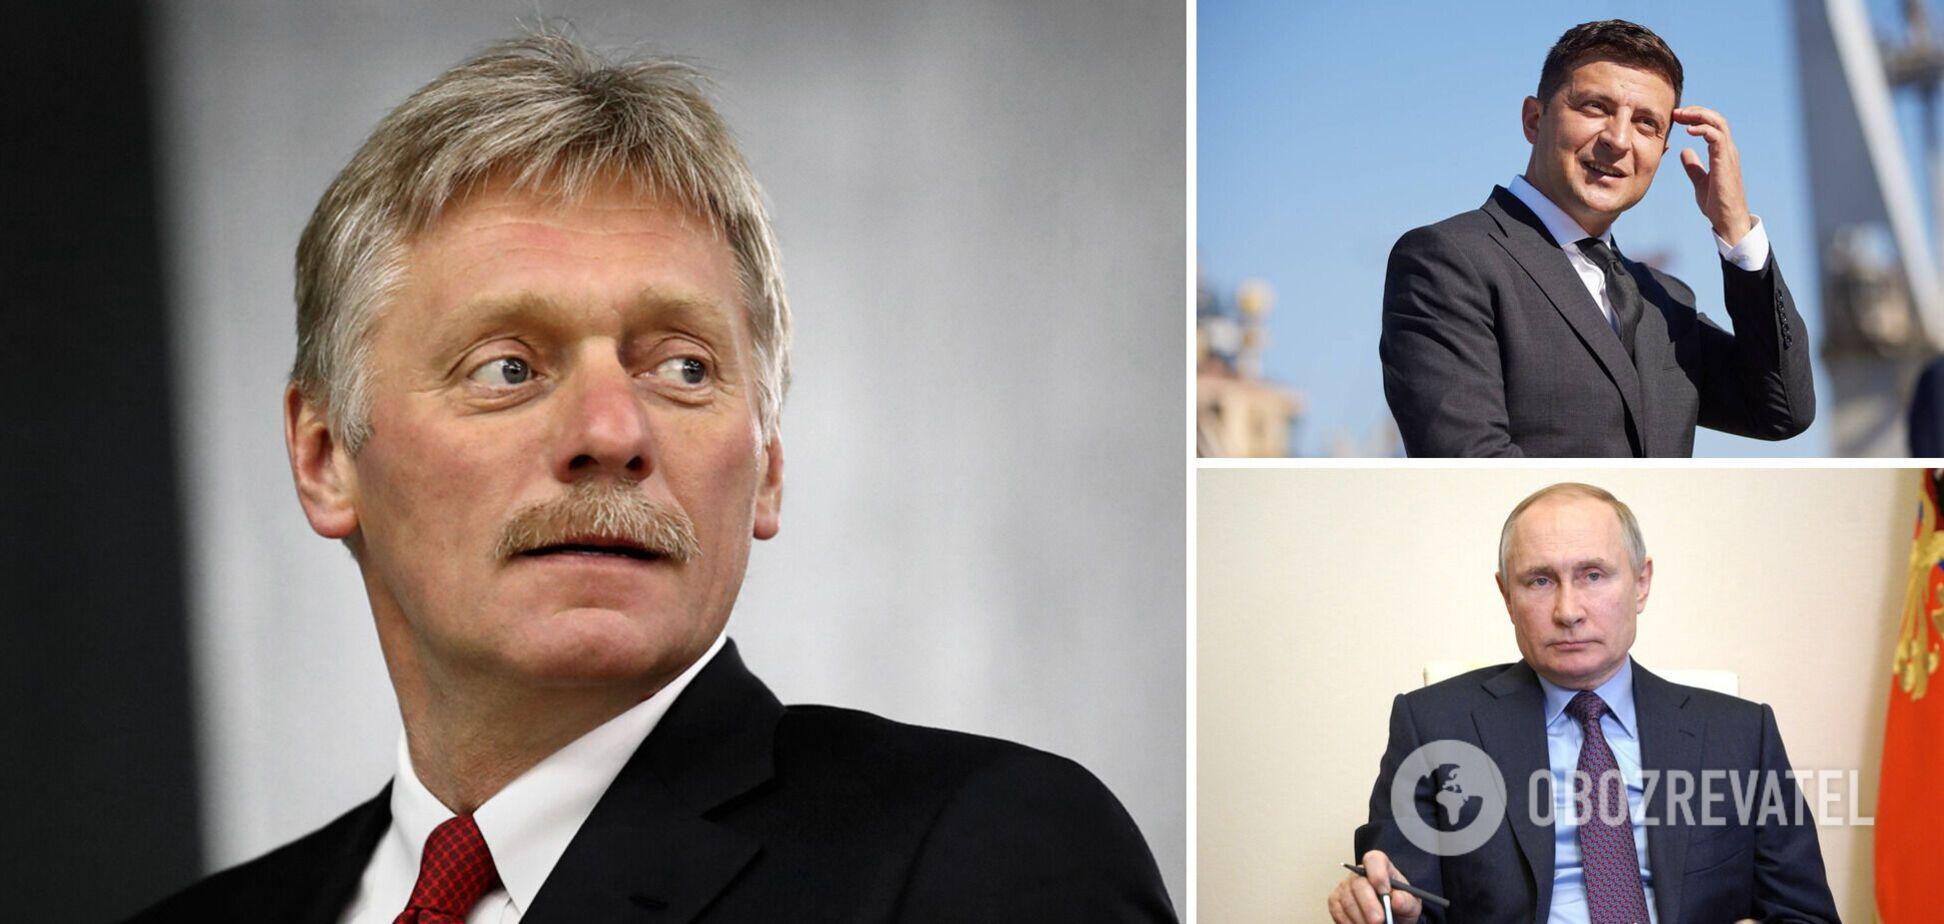 Говорити із Зеленським складно: Пєсков пояснив, чому Путін не йде на контакт із Києвом